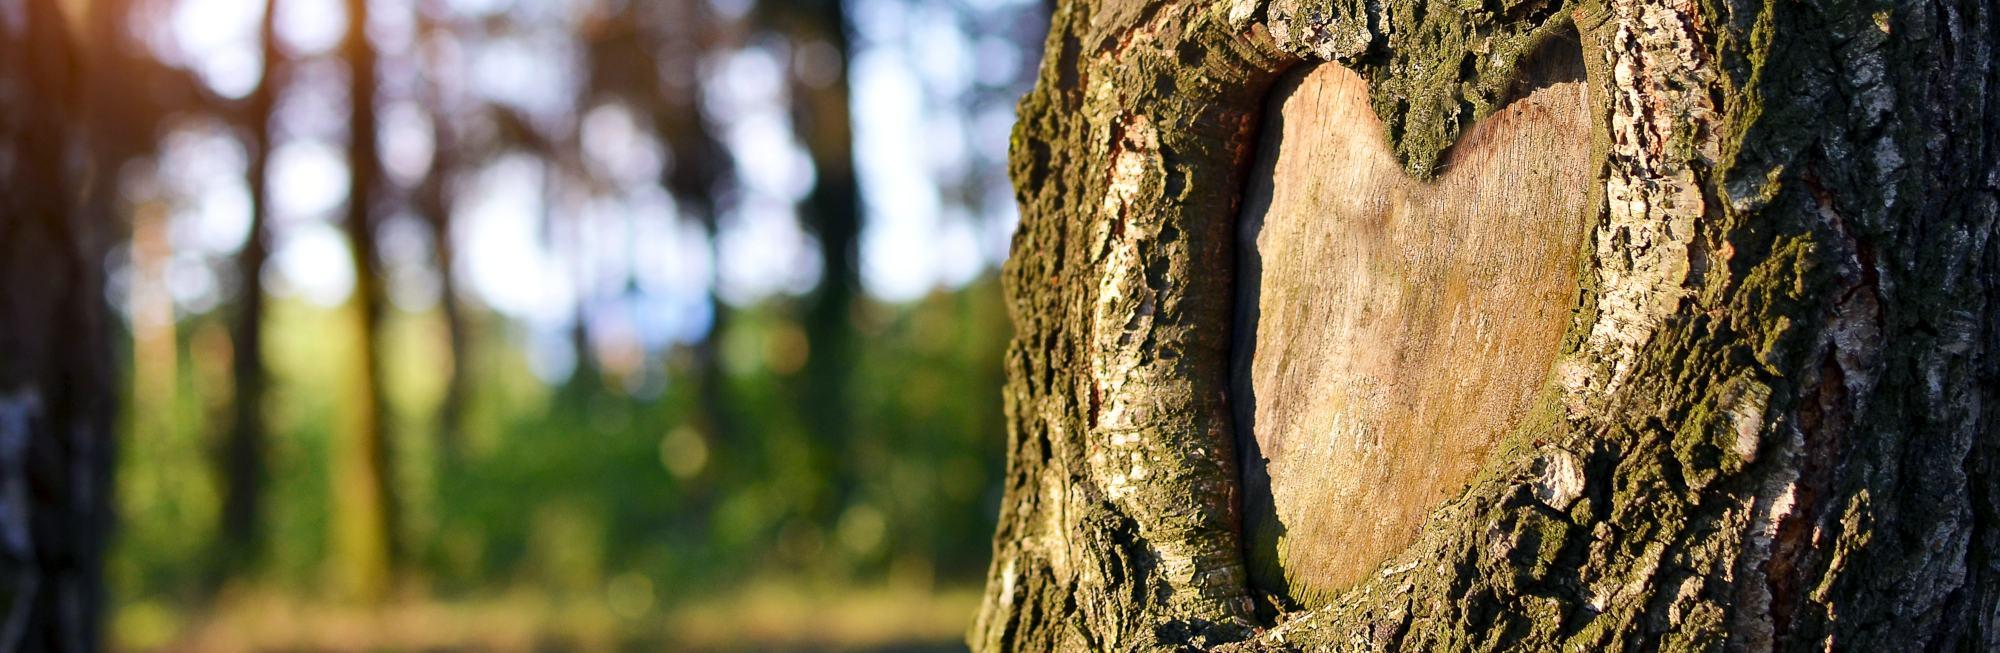 Ein Baum mit herzförmigem Astloch